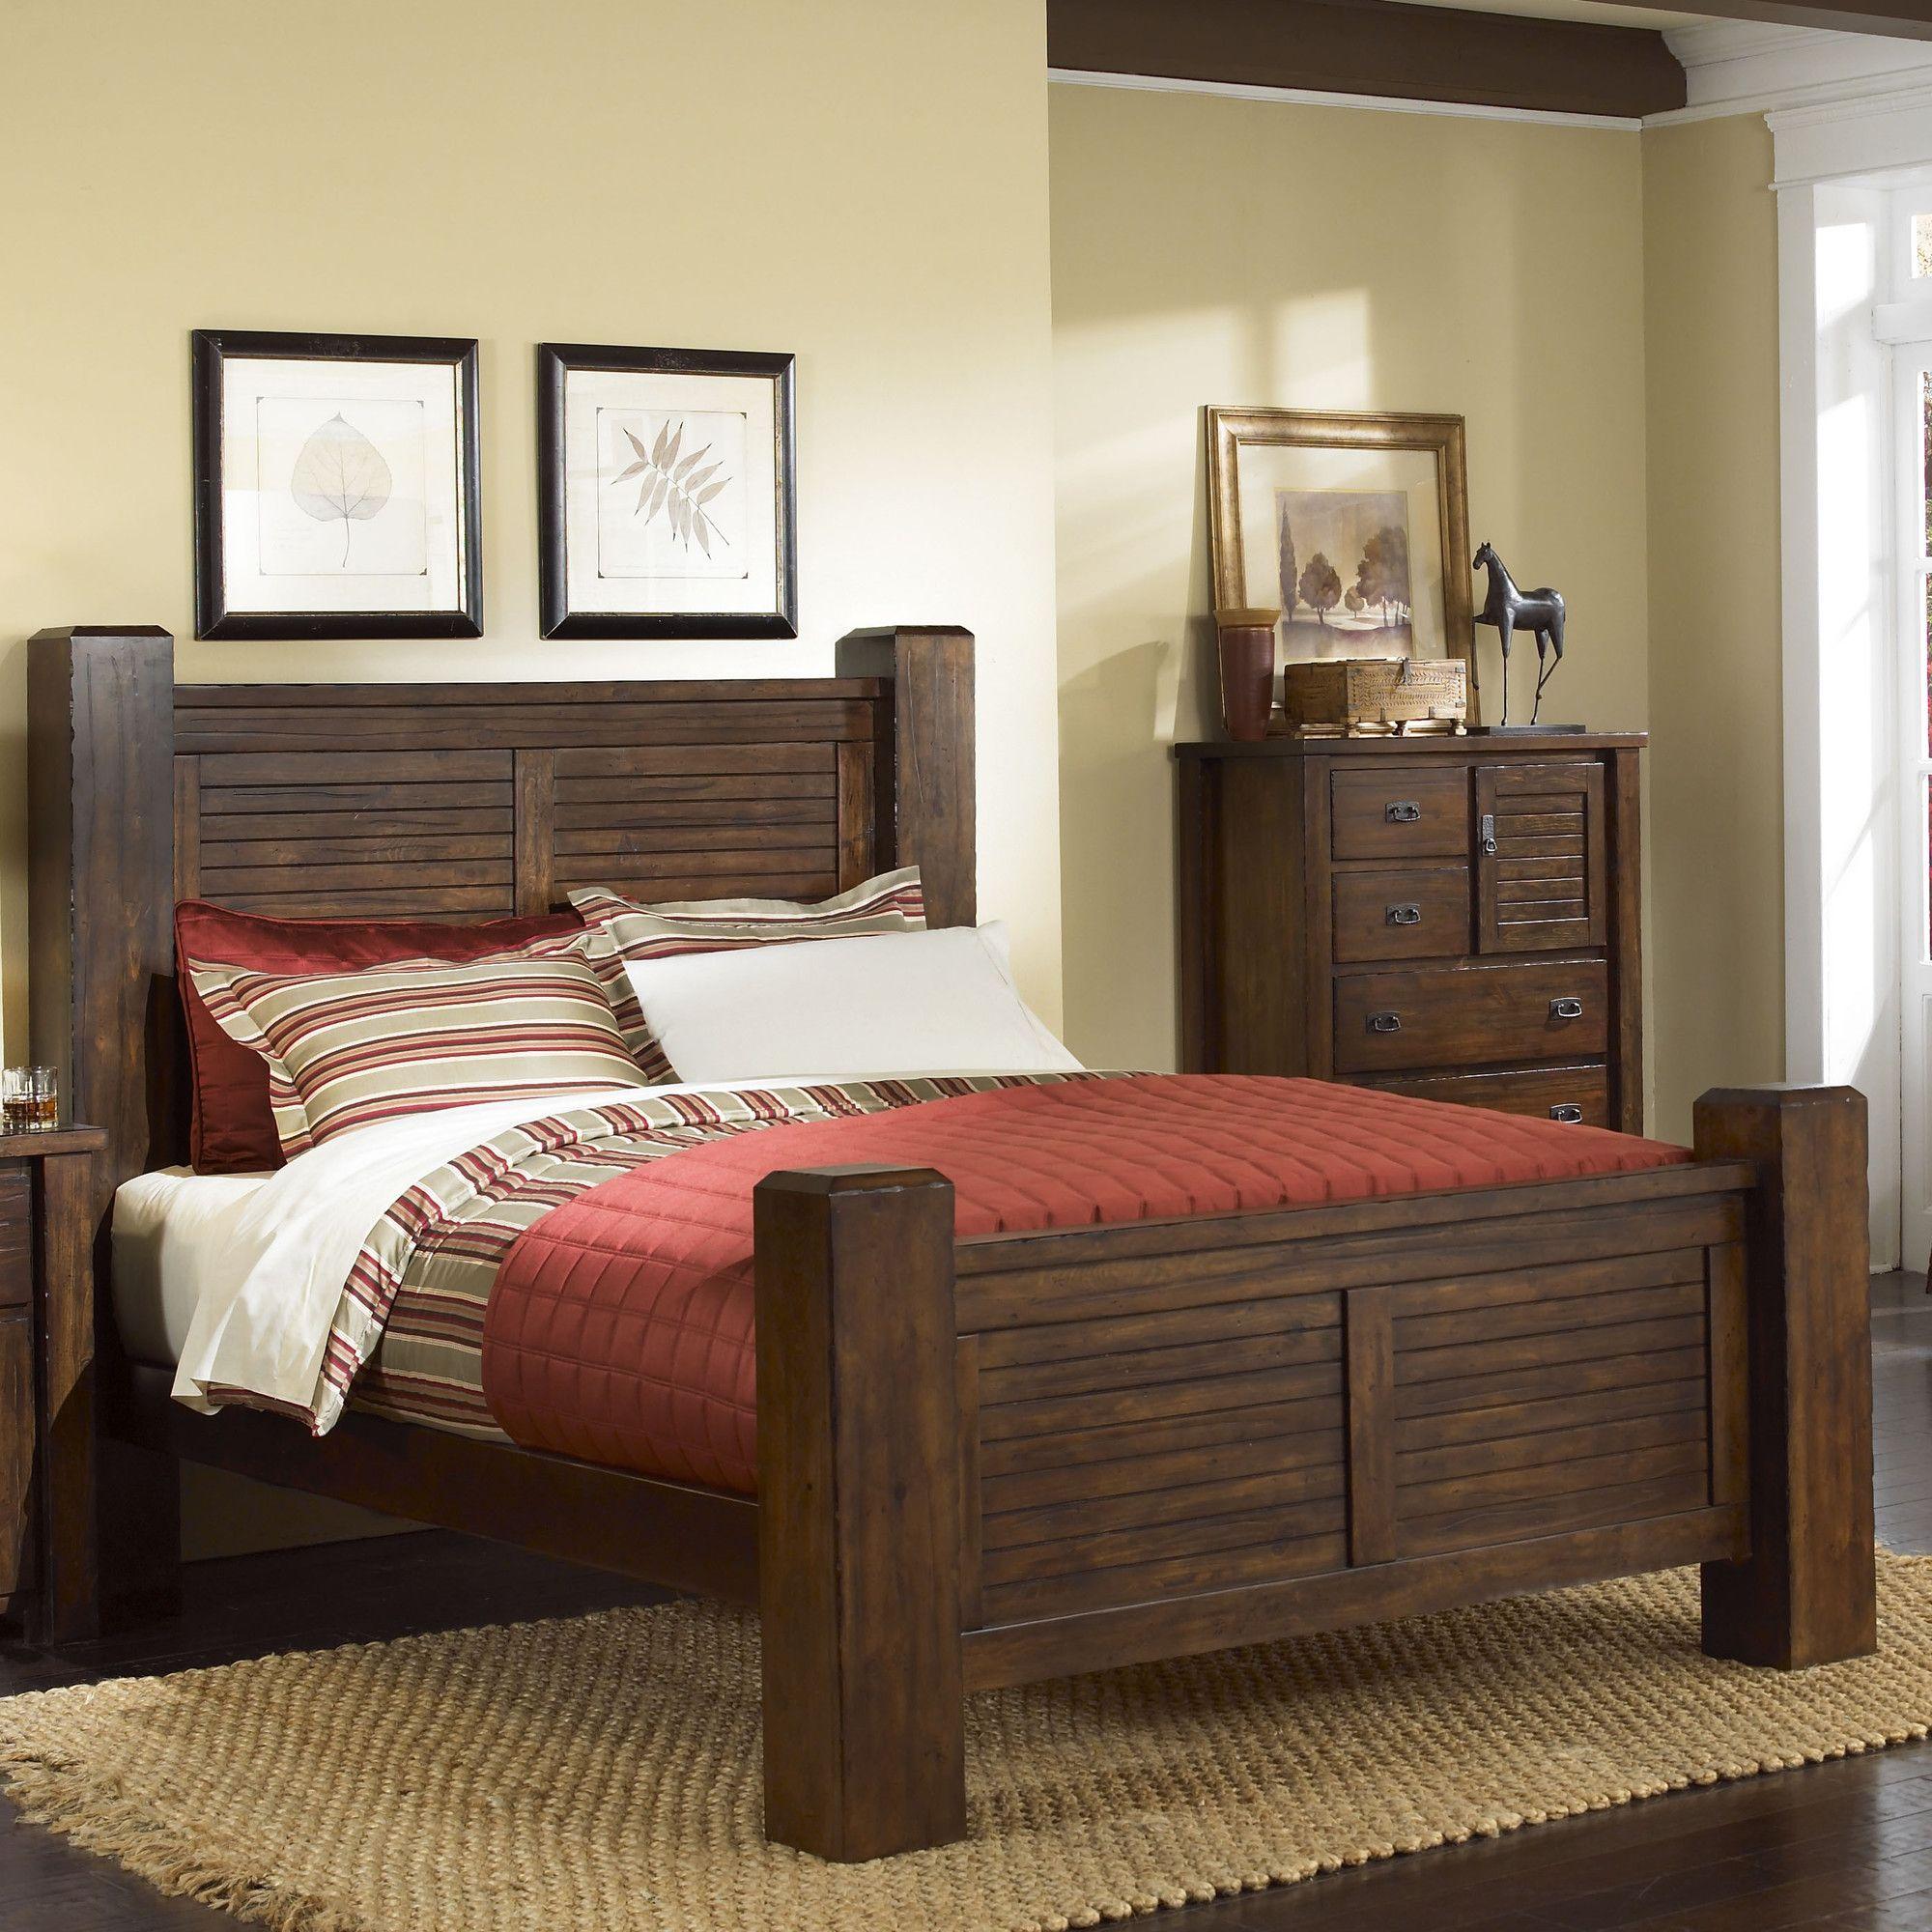 Progressive Furniture Trestlewood Poster Bed Wayfair EB - Progressive furniture bedroom sets